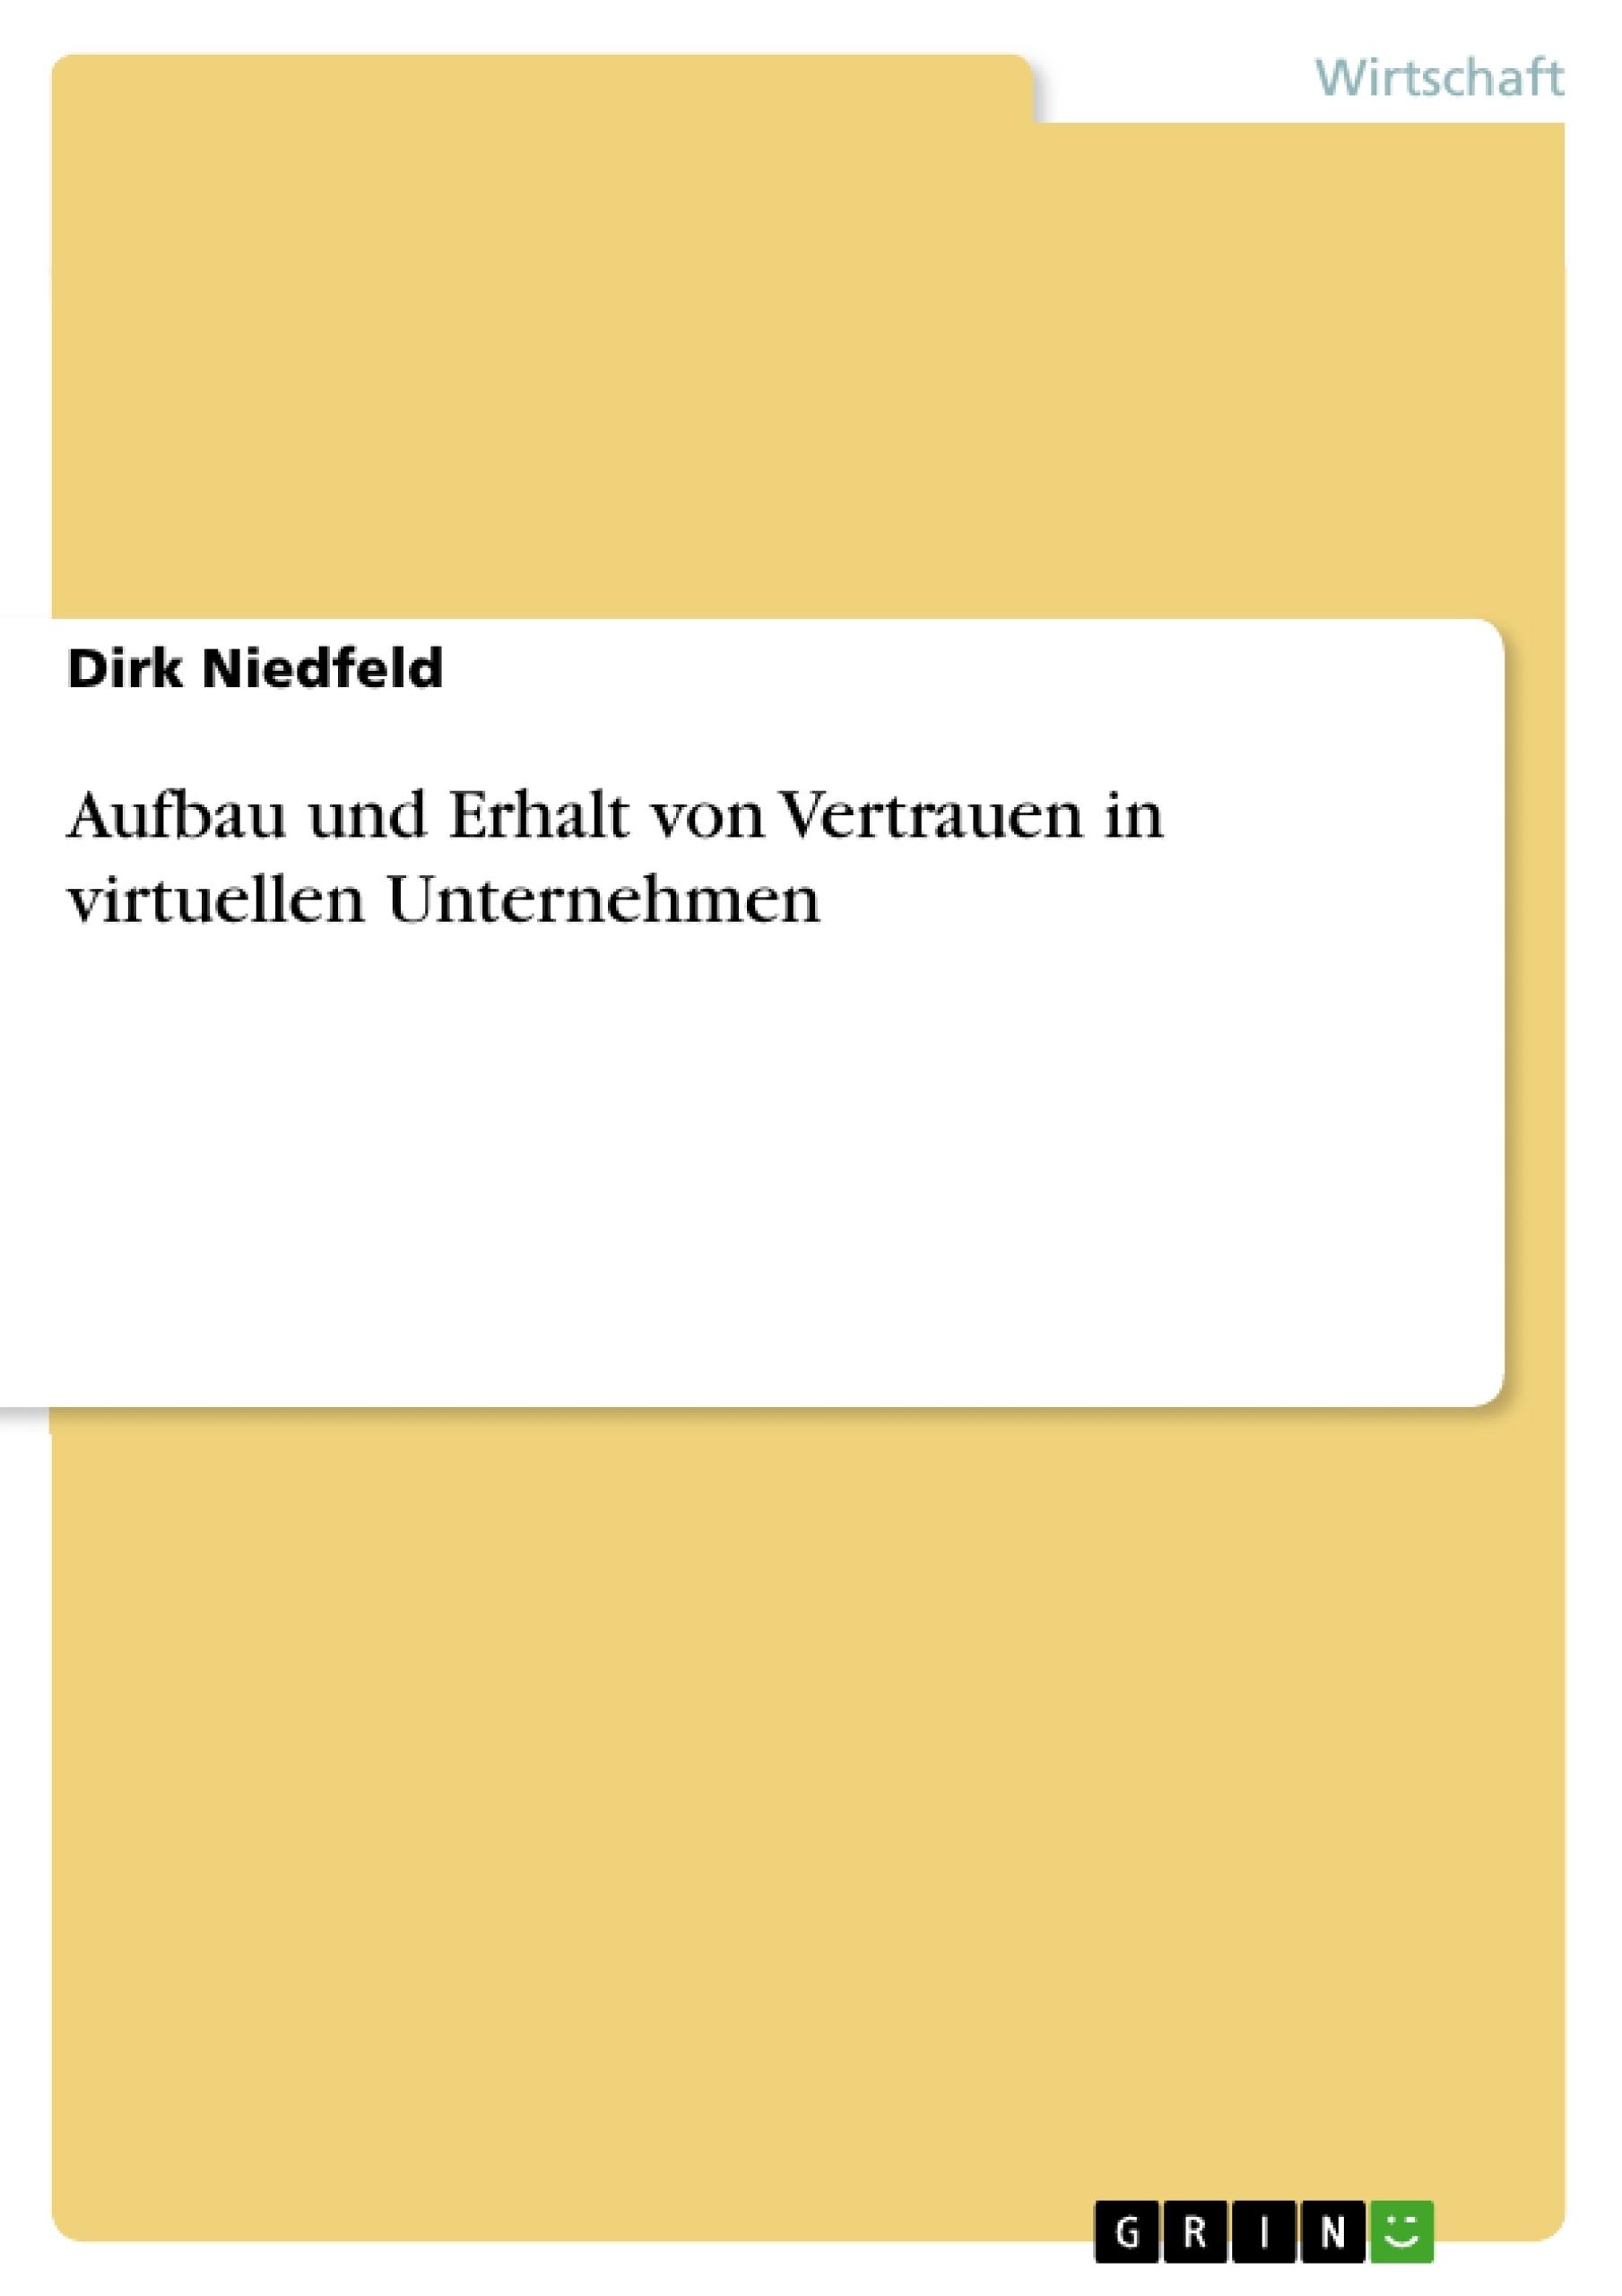 Titel: Aufbau und Erhalt von Vertrauen in virtuellen Unternehmen